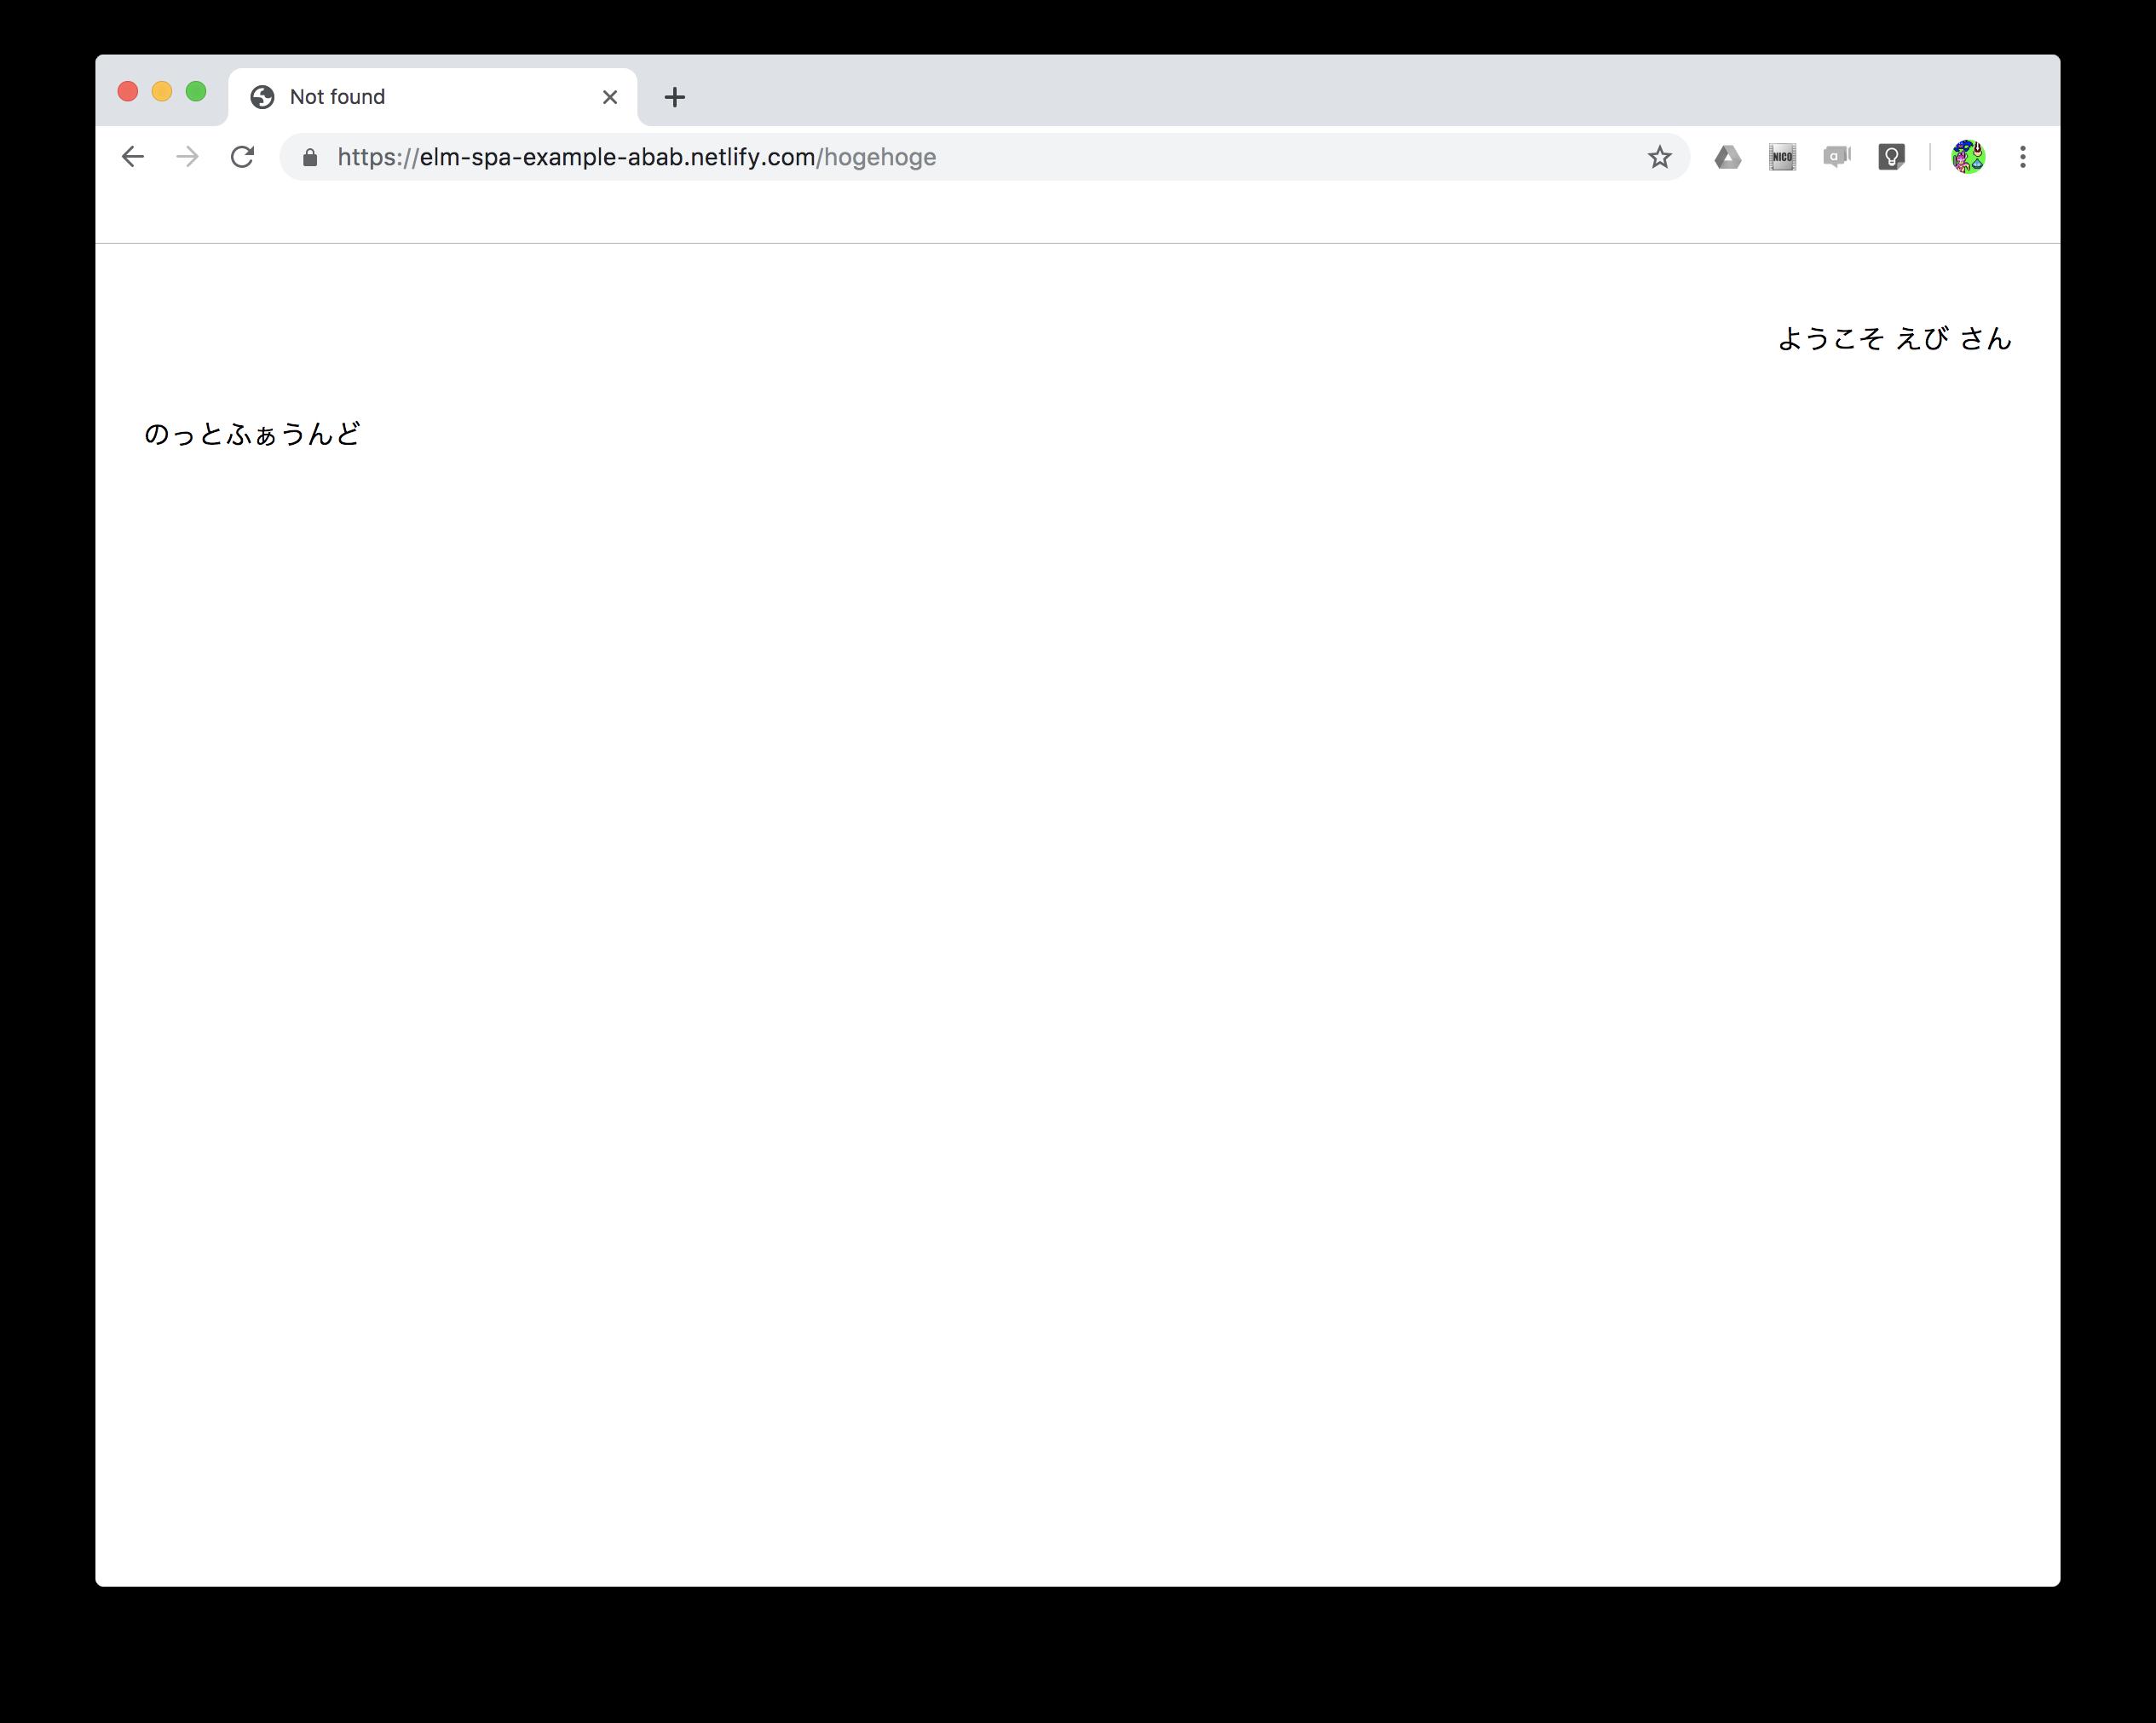 スクリーンショット 2019-06-09 10.34.52.png